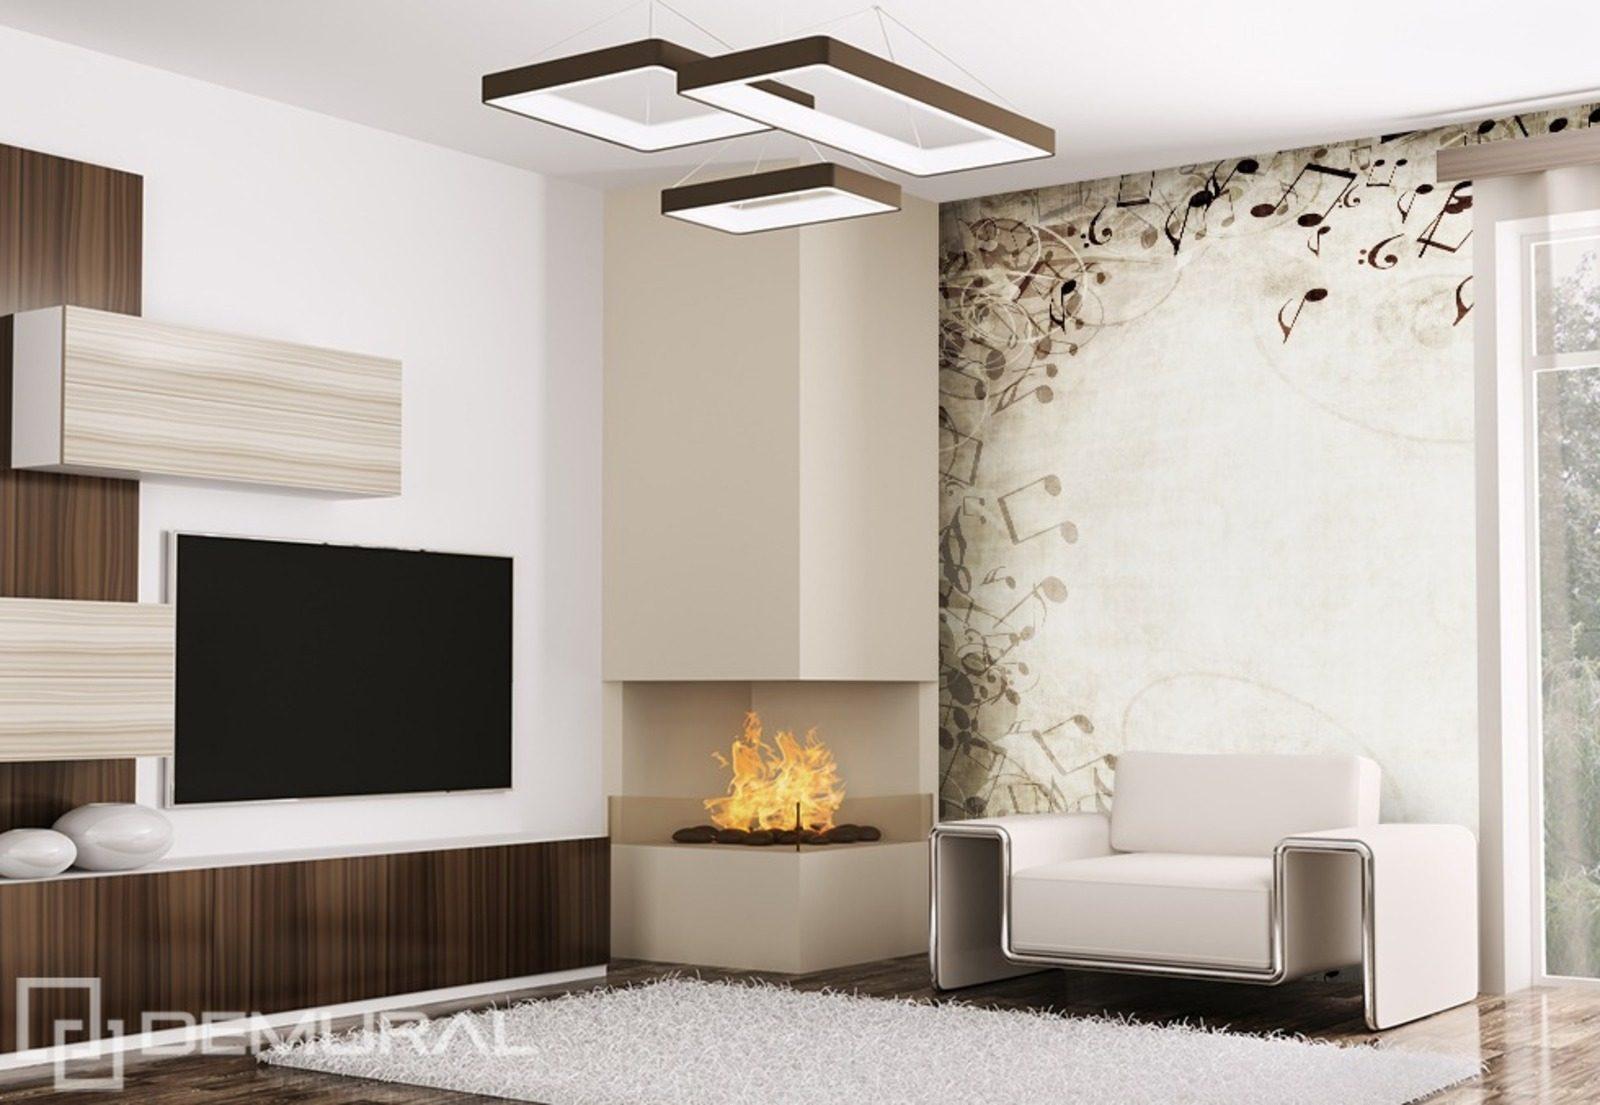 cadre musical papiers peints abstraction papiers peints demural. Black Bedroom Furniture Sets. Home Design Ideas